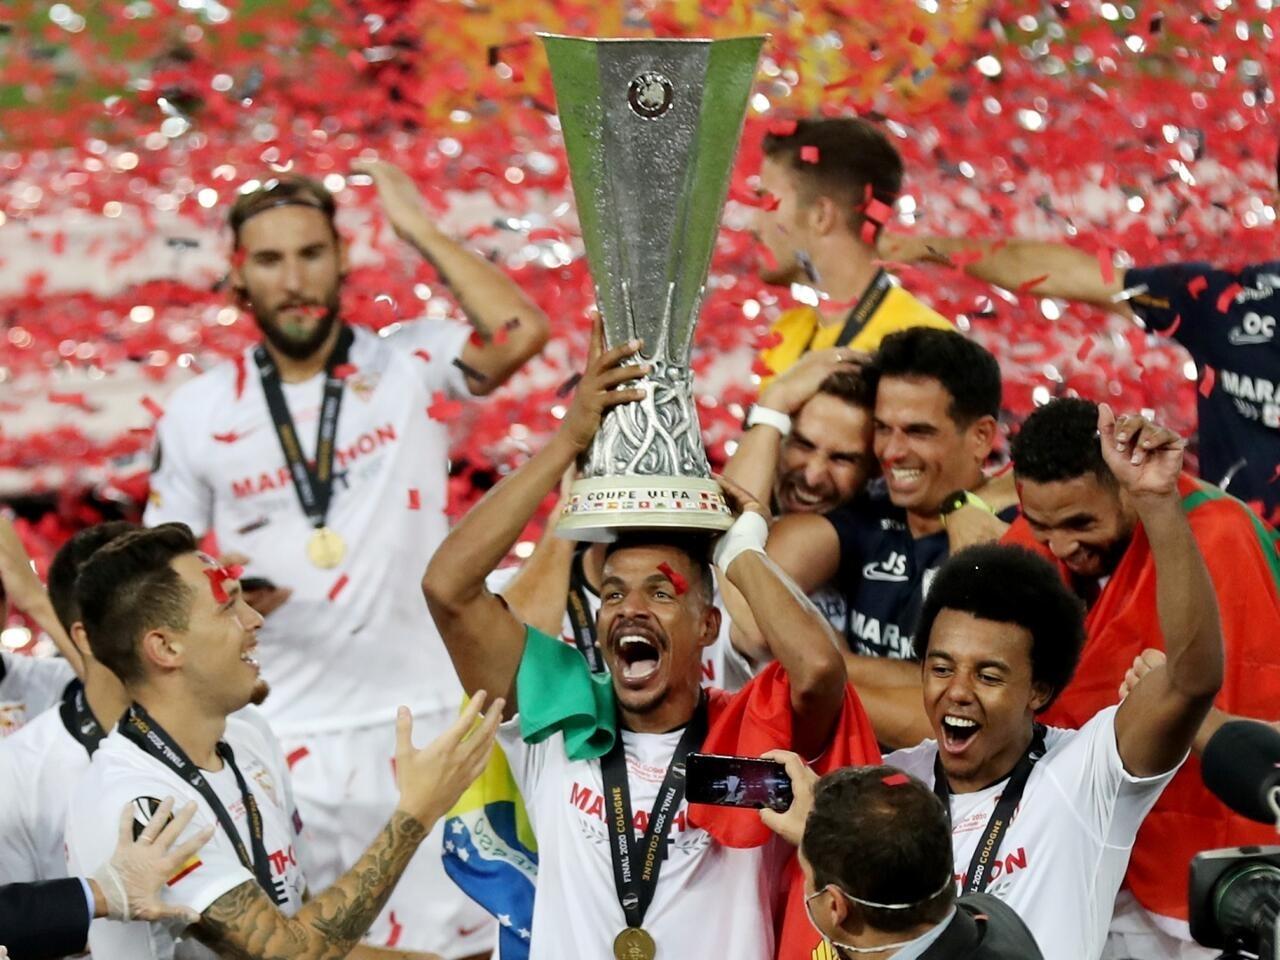 أوروبا ليغ: إشبيلية يحرز البطولة على حساب الإنتر ويعزز رقمه القياسي في عدد  الألقاب